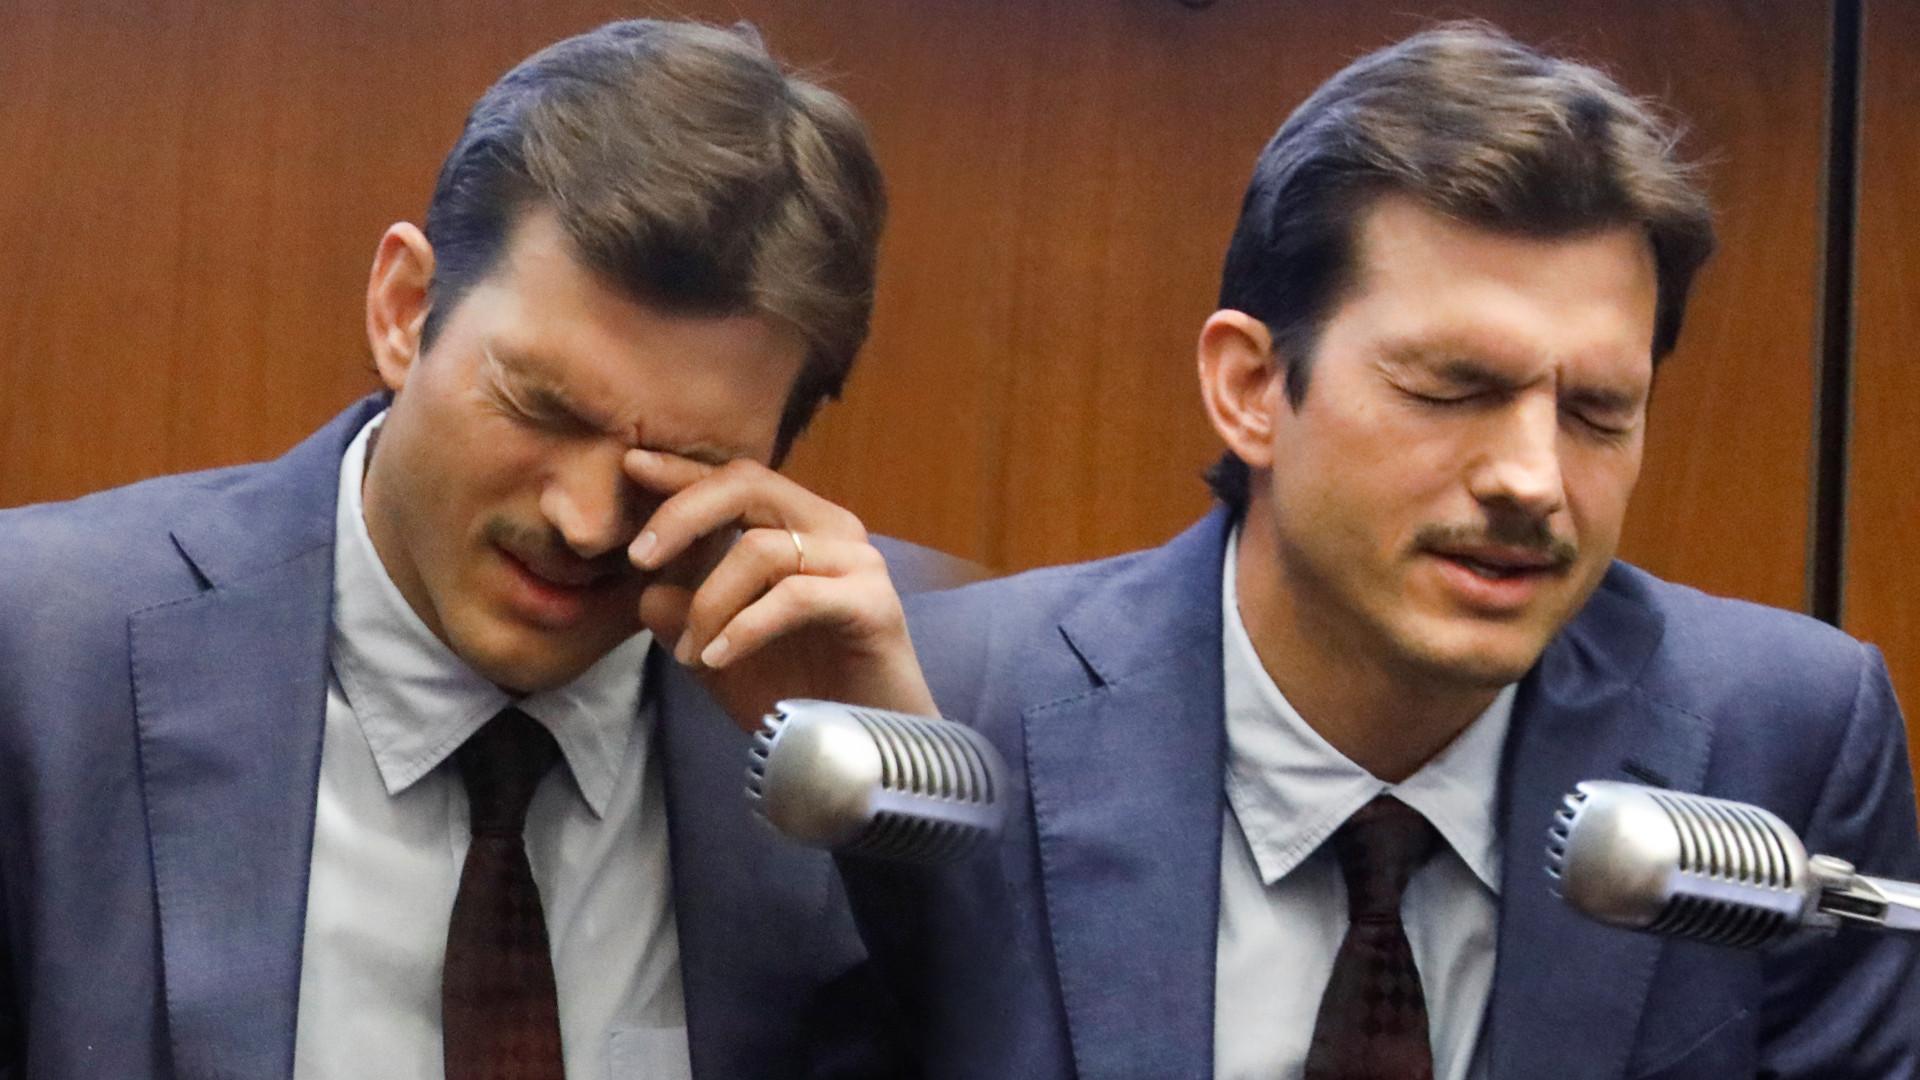 Rozstrzęsiony Ashton Kutcher został PRZESŁUCHANY w sprawie morderstwa jego dziewczyny w 2001 roku